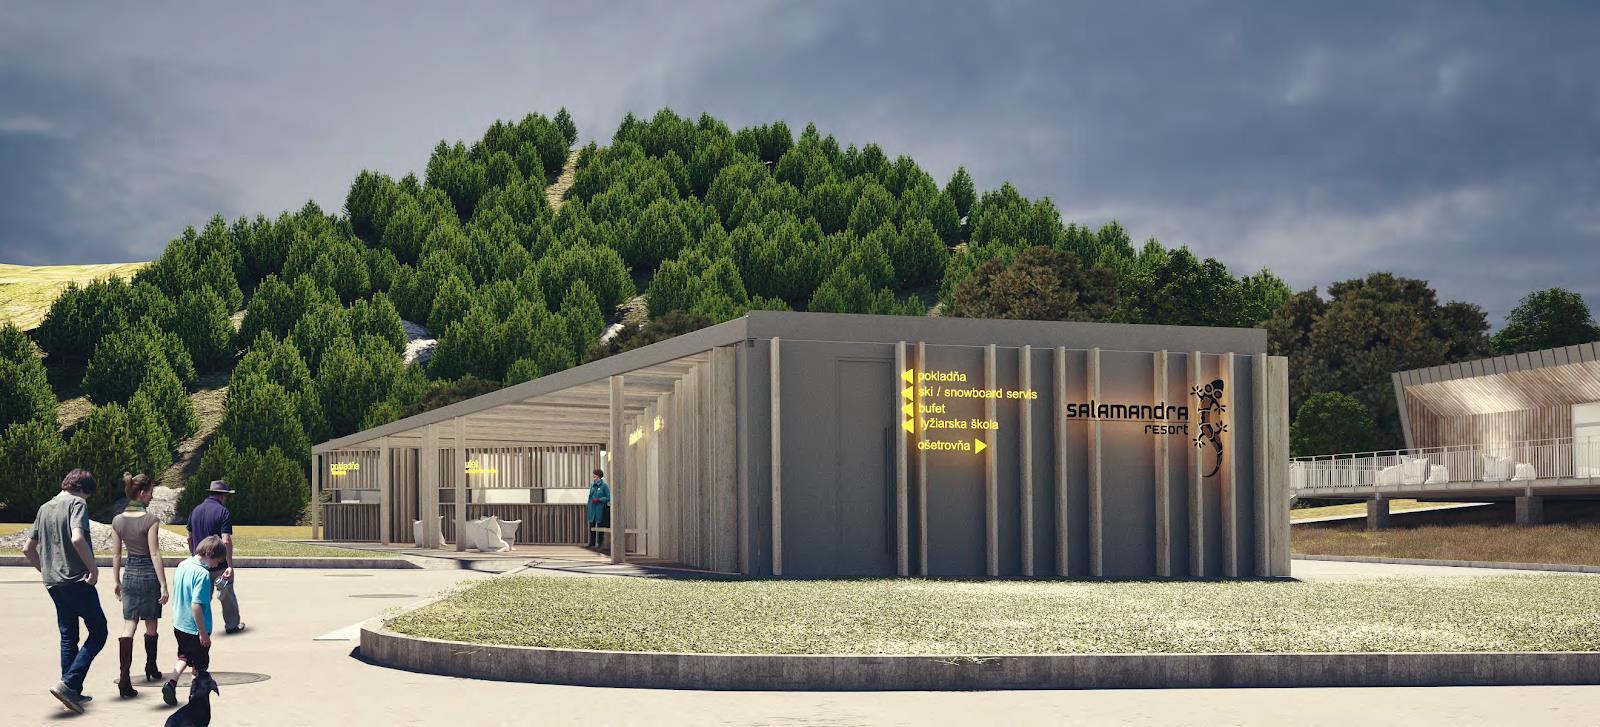 Nová multifunkčná budova v Salamandra Resorte